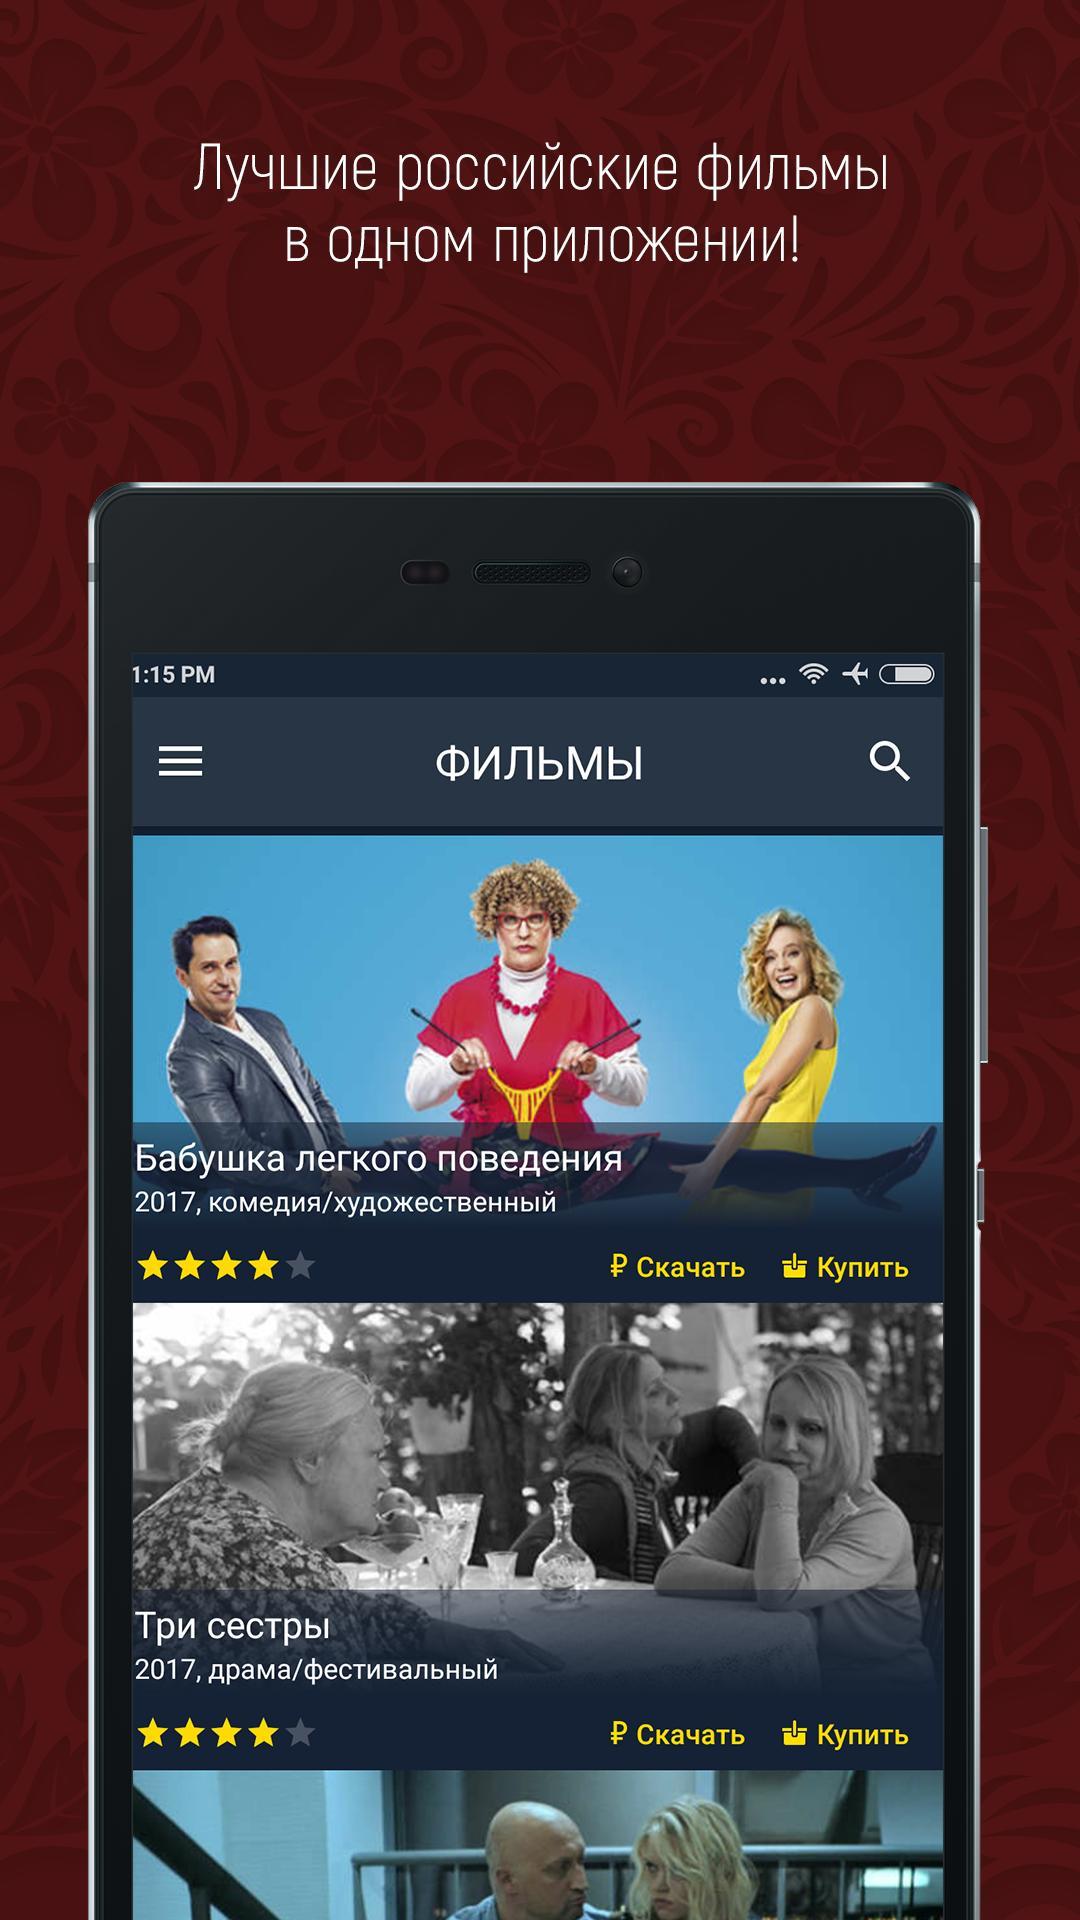 Online kostenlos neue anschauen russische filme Neue Filme